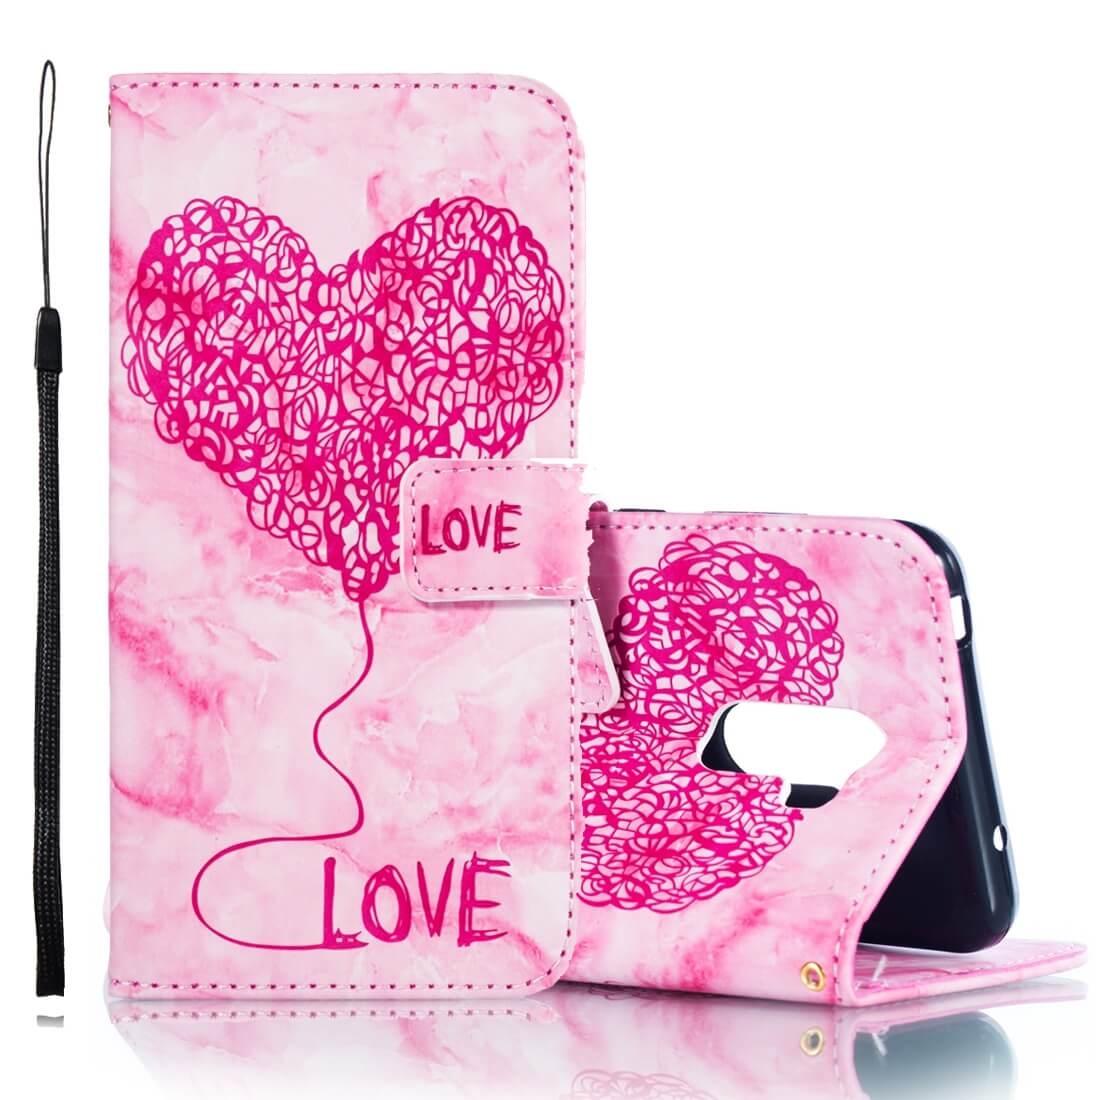 FORCELL ART Peňaženkový obal Xiaomi Pocophone F1 růžový